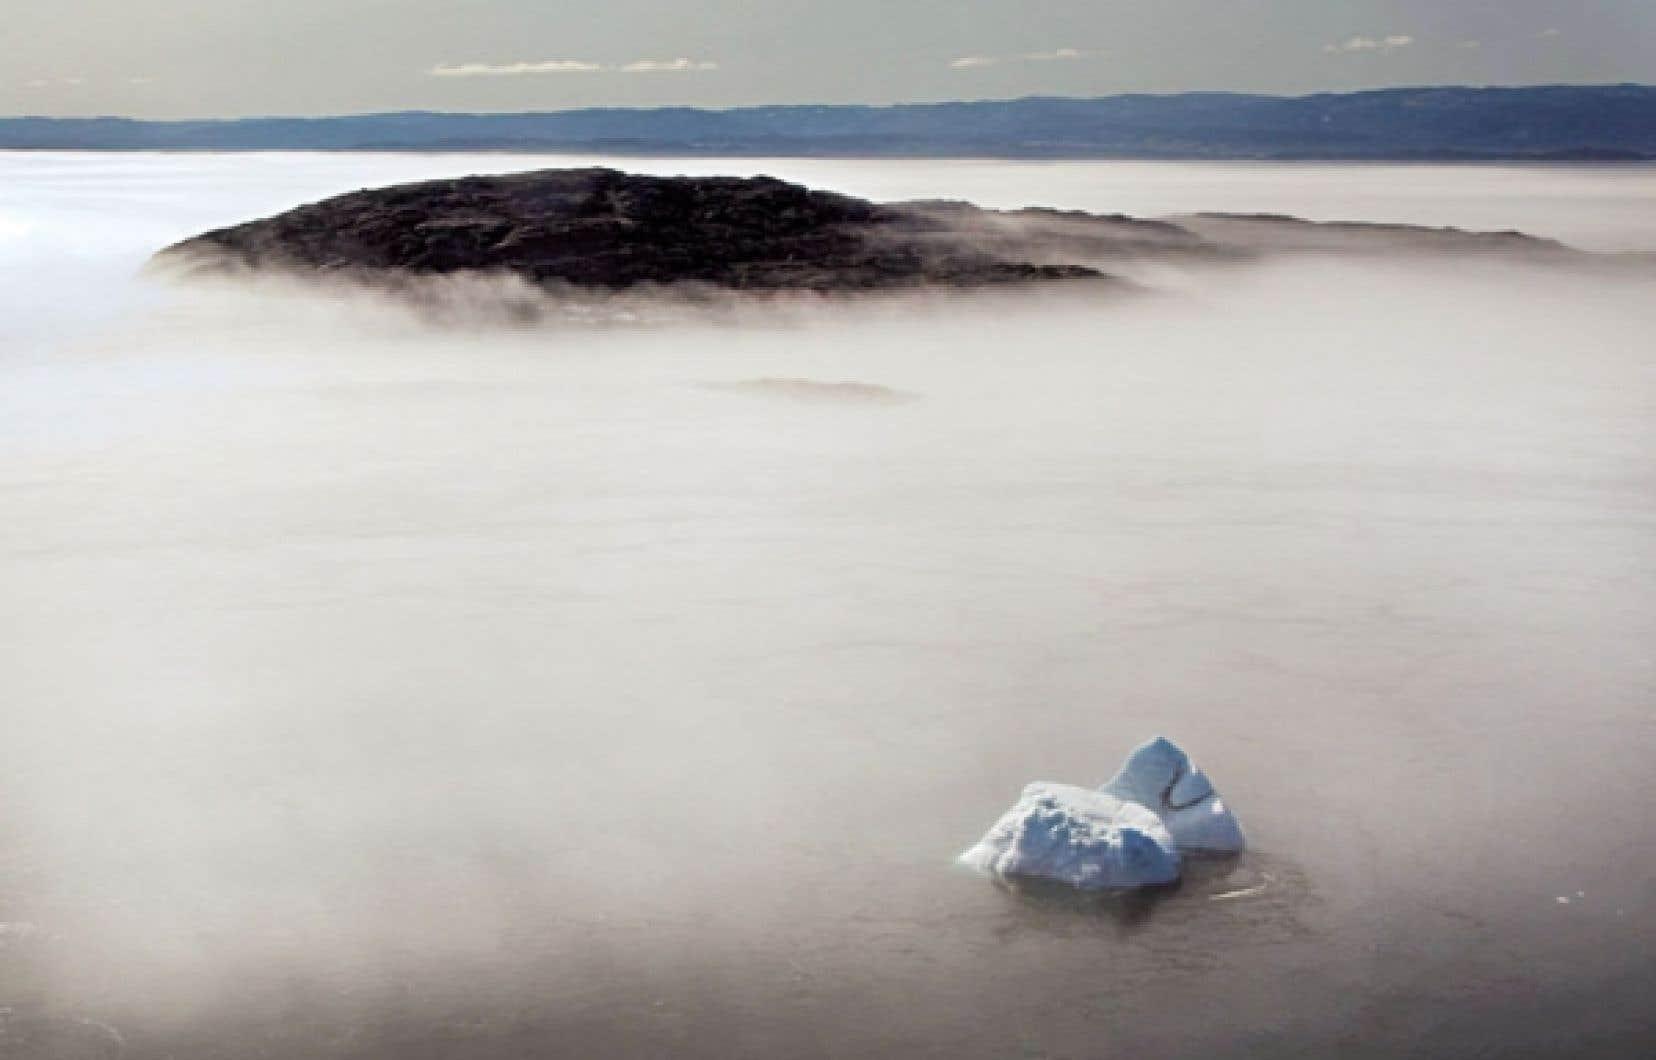 Un iceberg émerge du brouillard matinal à Frobisher Bay, dans l'Arctique canadien. L'Arctique, de plus en plus accessible en raison de la fonte des glaces, suscite la convoitise des pétrolières.